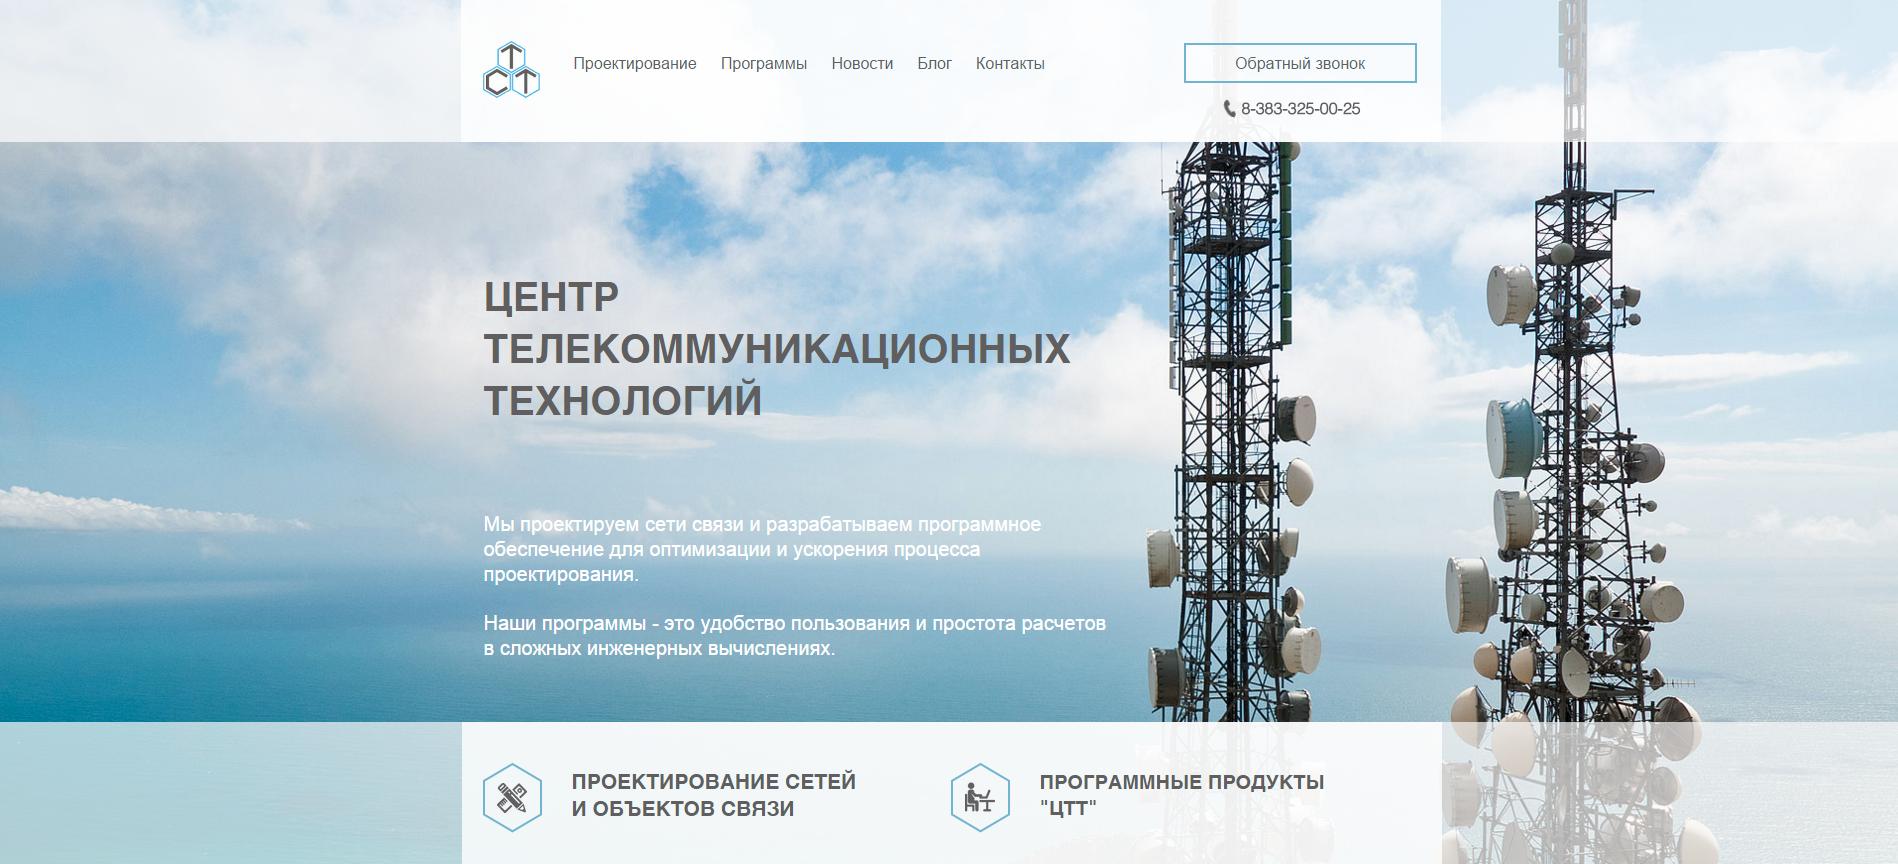 Сайт телекоммуникационной компании